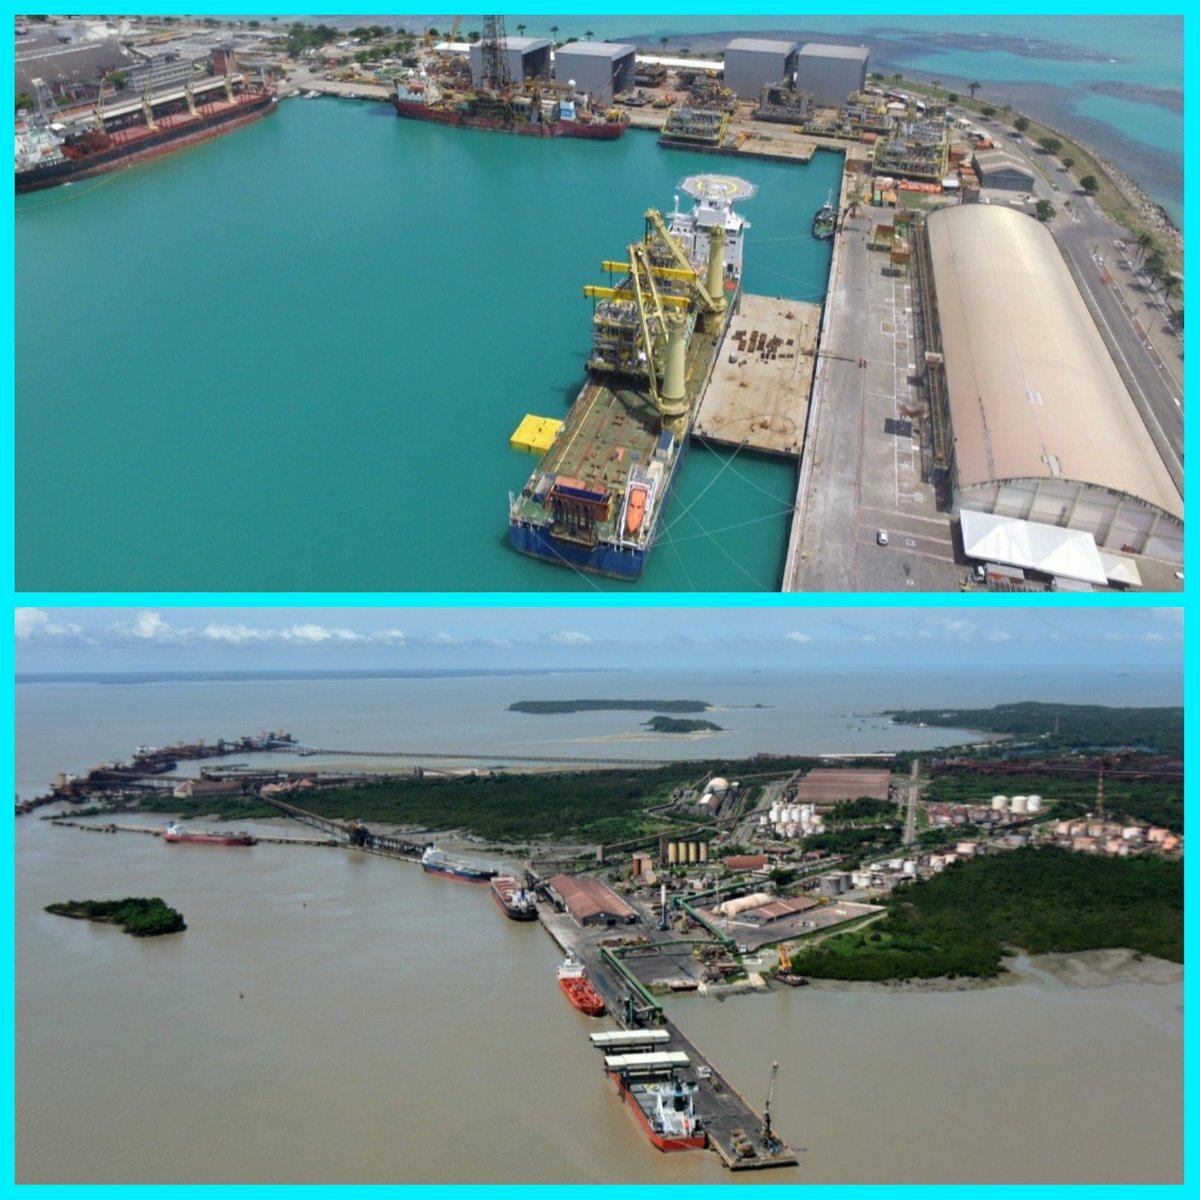 MA, AP, PA, AL, BA e PR: TCU deu aval para desestatização de novos terminais portuários. São prioridades, os leilões de terminais nos portos de Santana/AP, Vila do Conde/PA, Maceió/AL, Aratu/BA e Paranaguá/PR. Variações do modal de transportes evoluindo. @tarcisiogdf